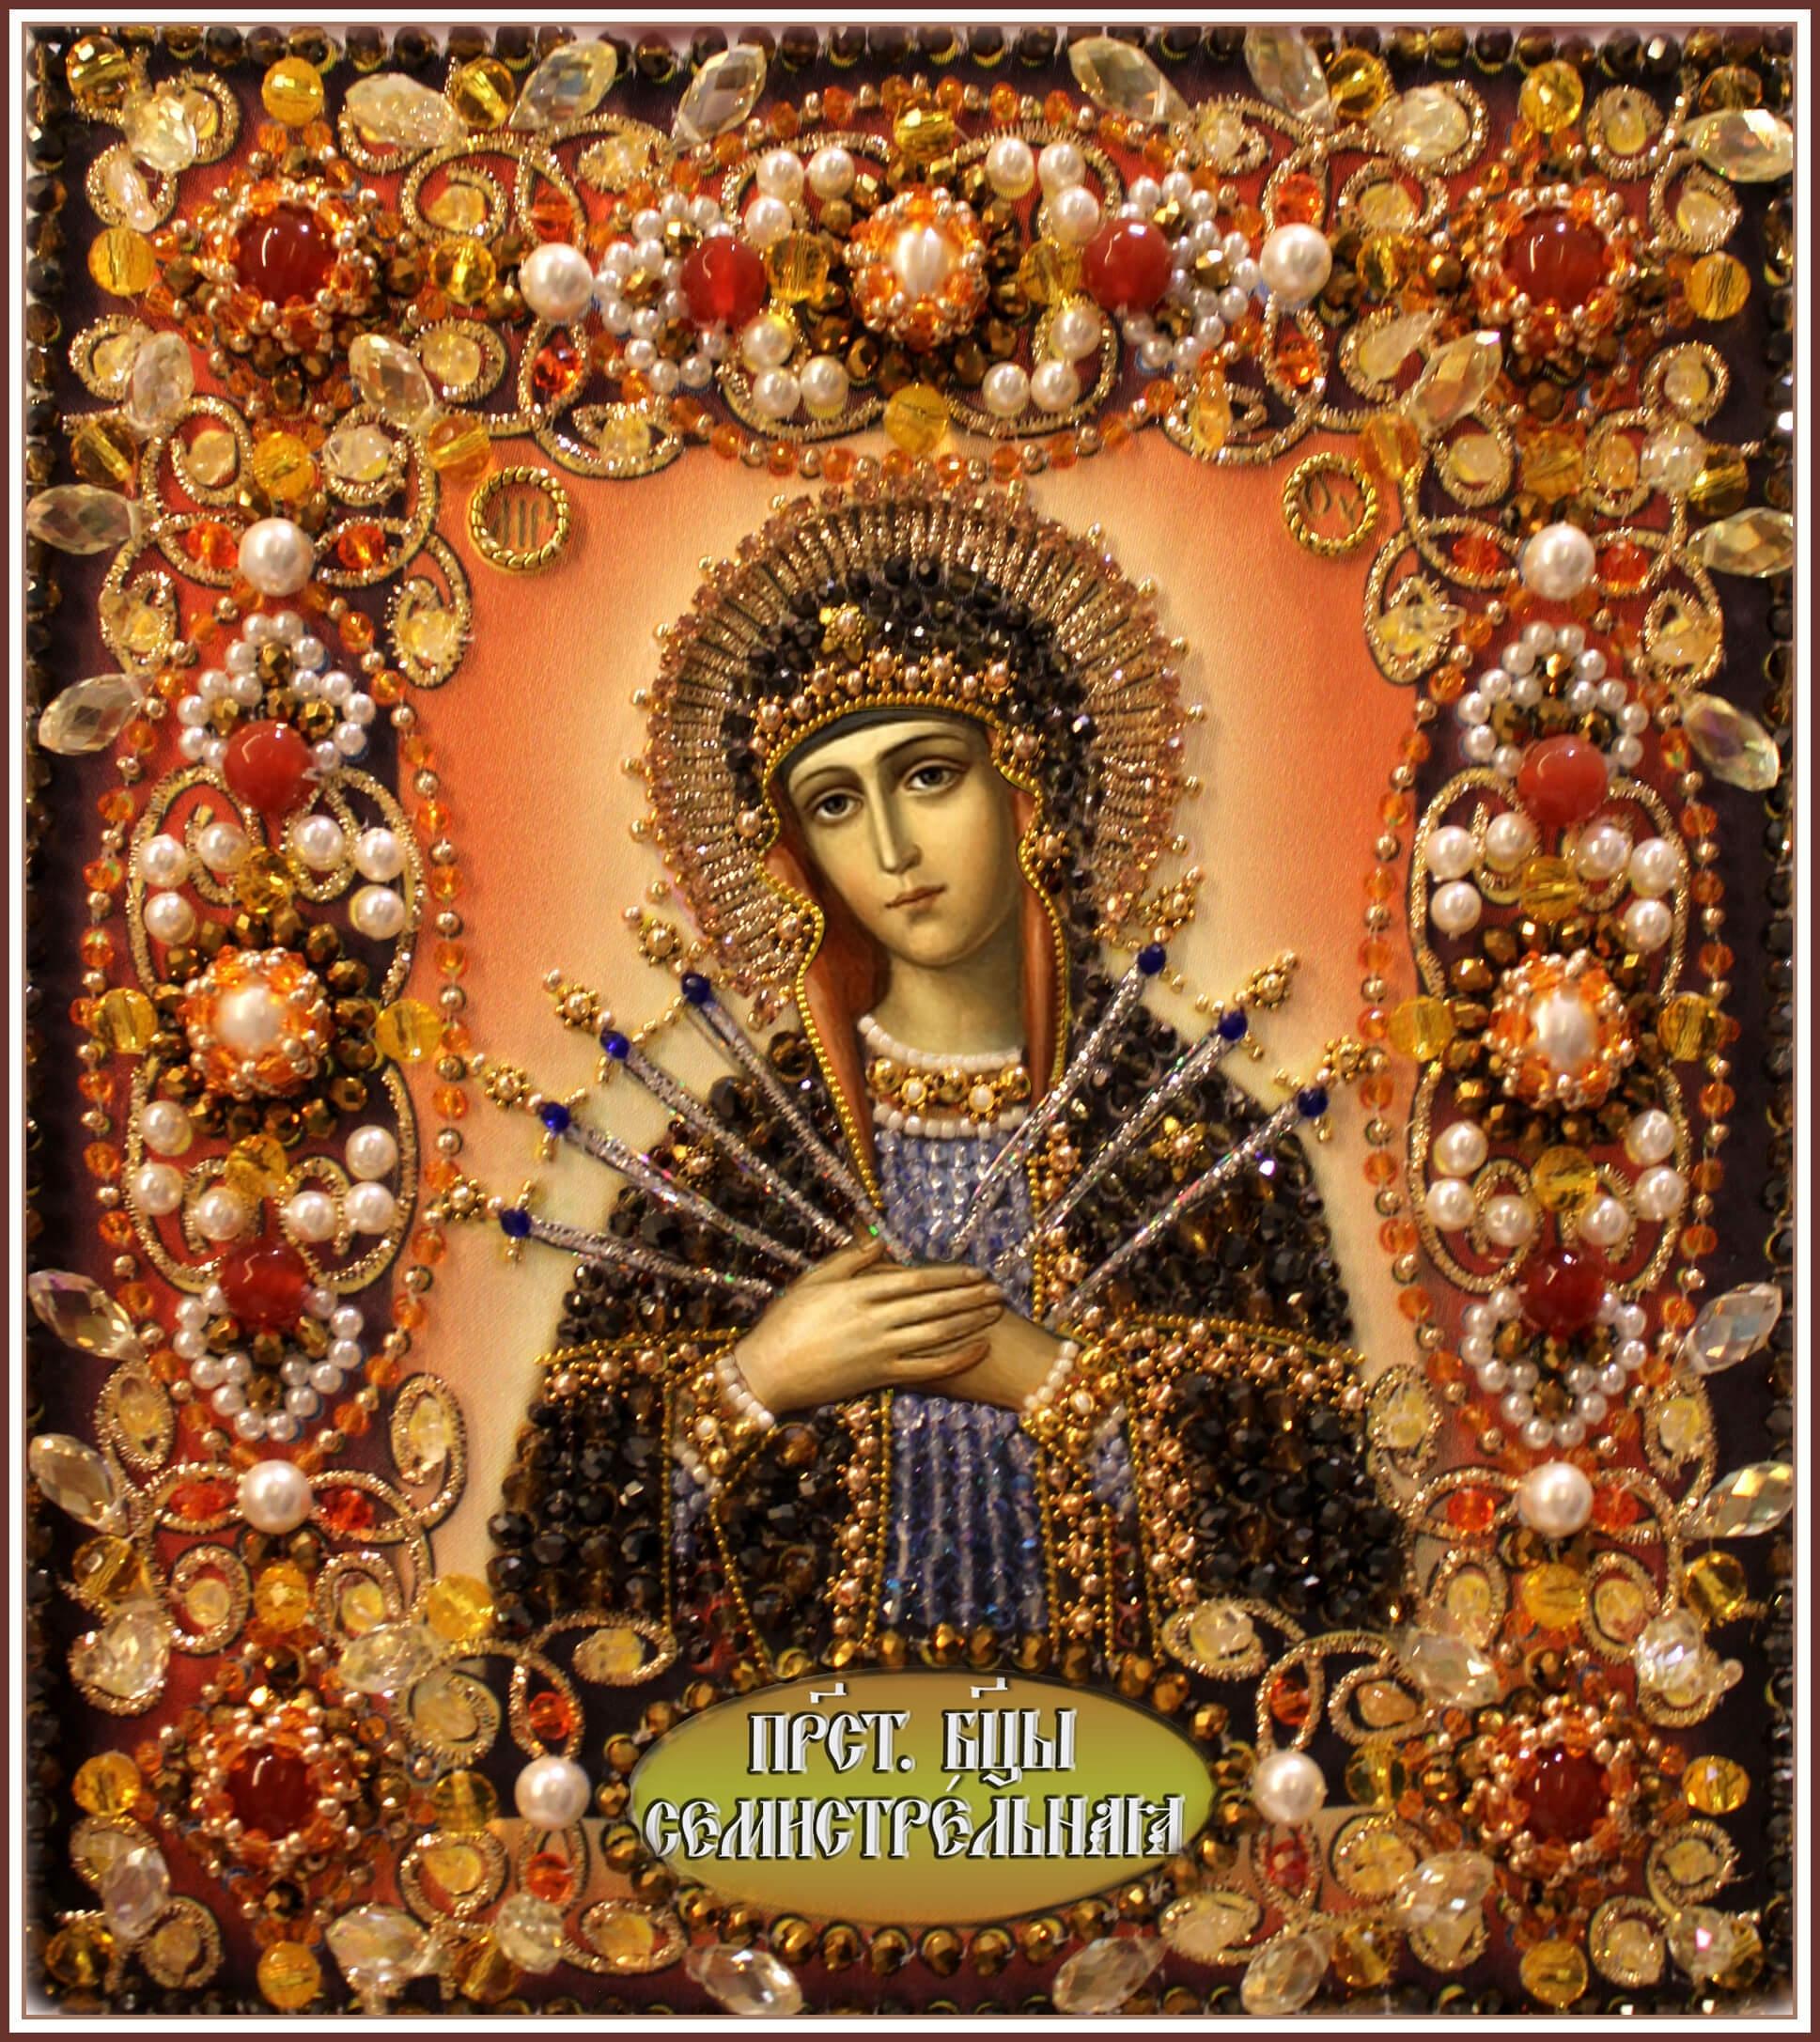 Образа в каменьях икона Богородица Семистрельная арт. 77-ц-14